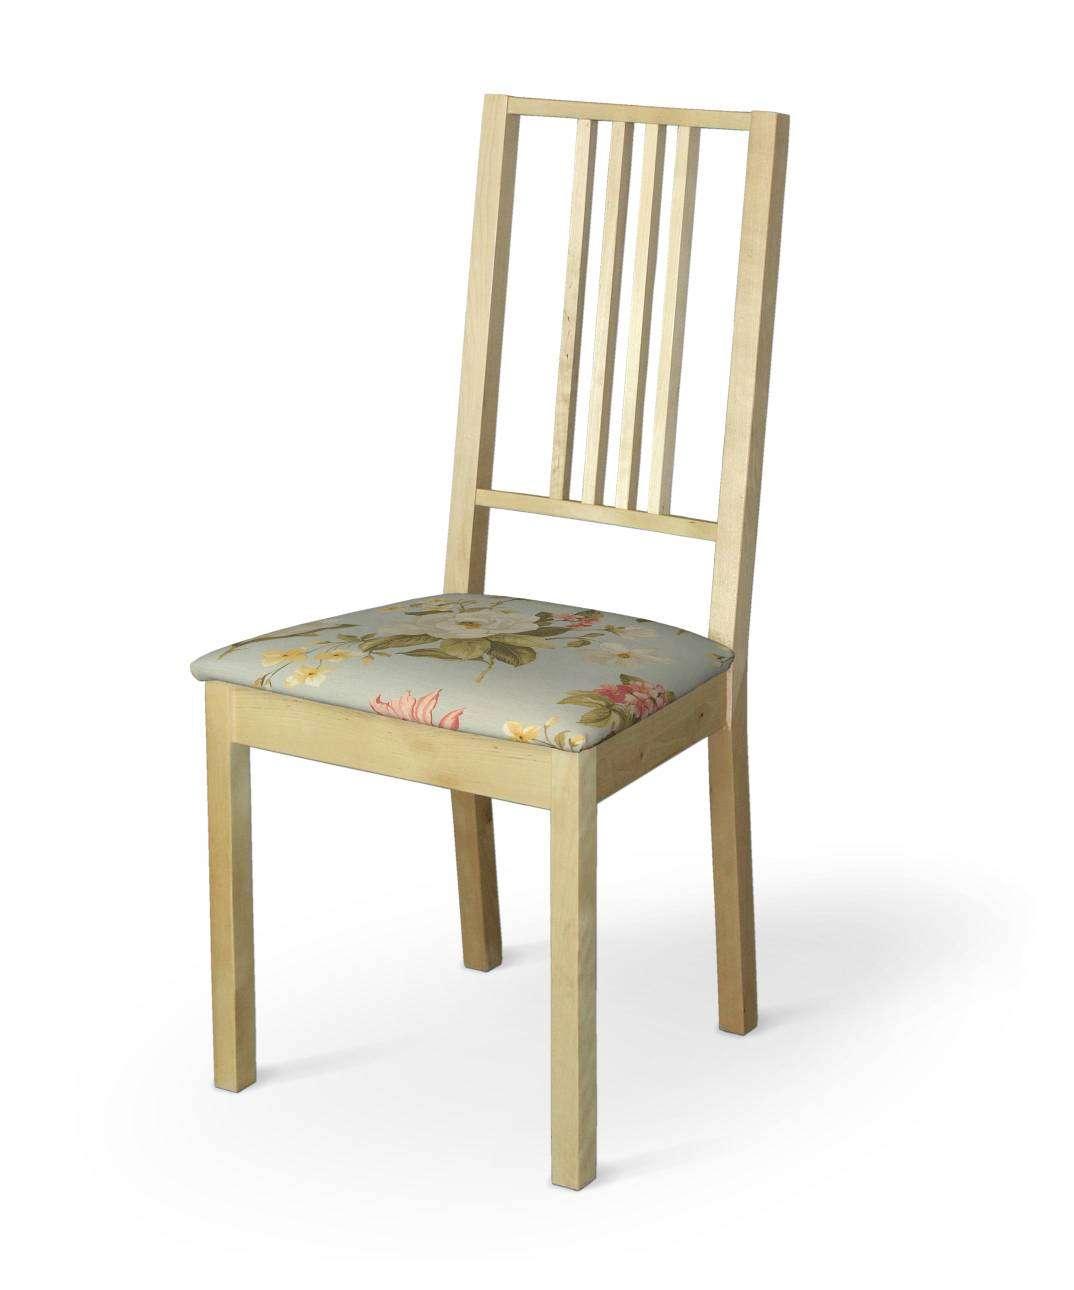 Börje kėdės užvalkalas Börje kėdės užvalkalas kolekcijoje Londres, audinys: 123-65